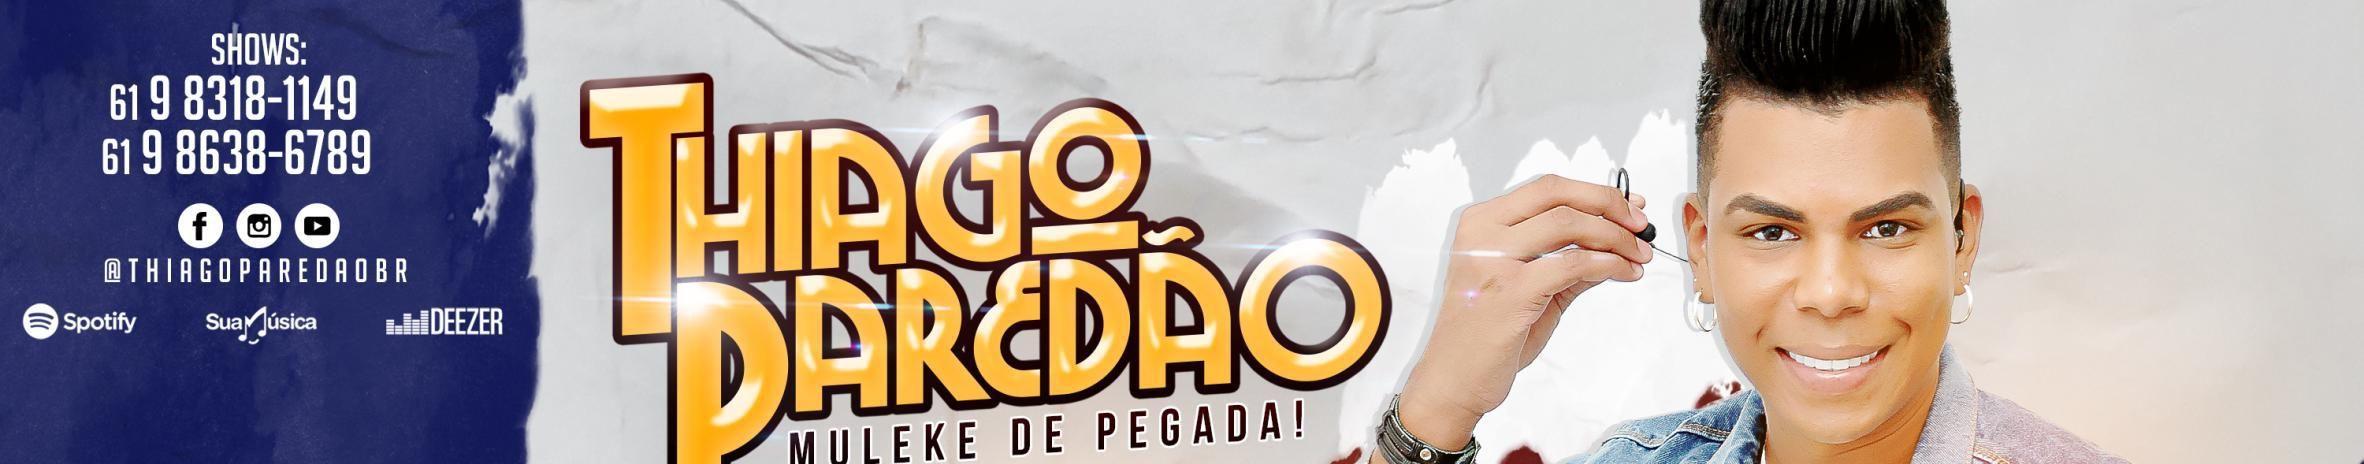 Imagem de capa de Thiago Paredão